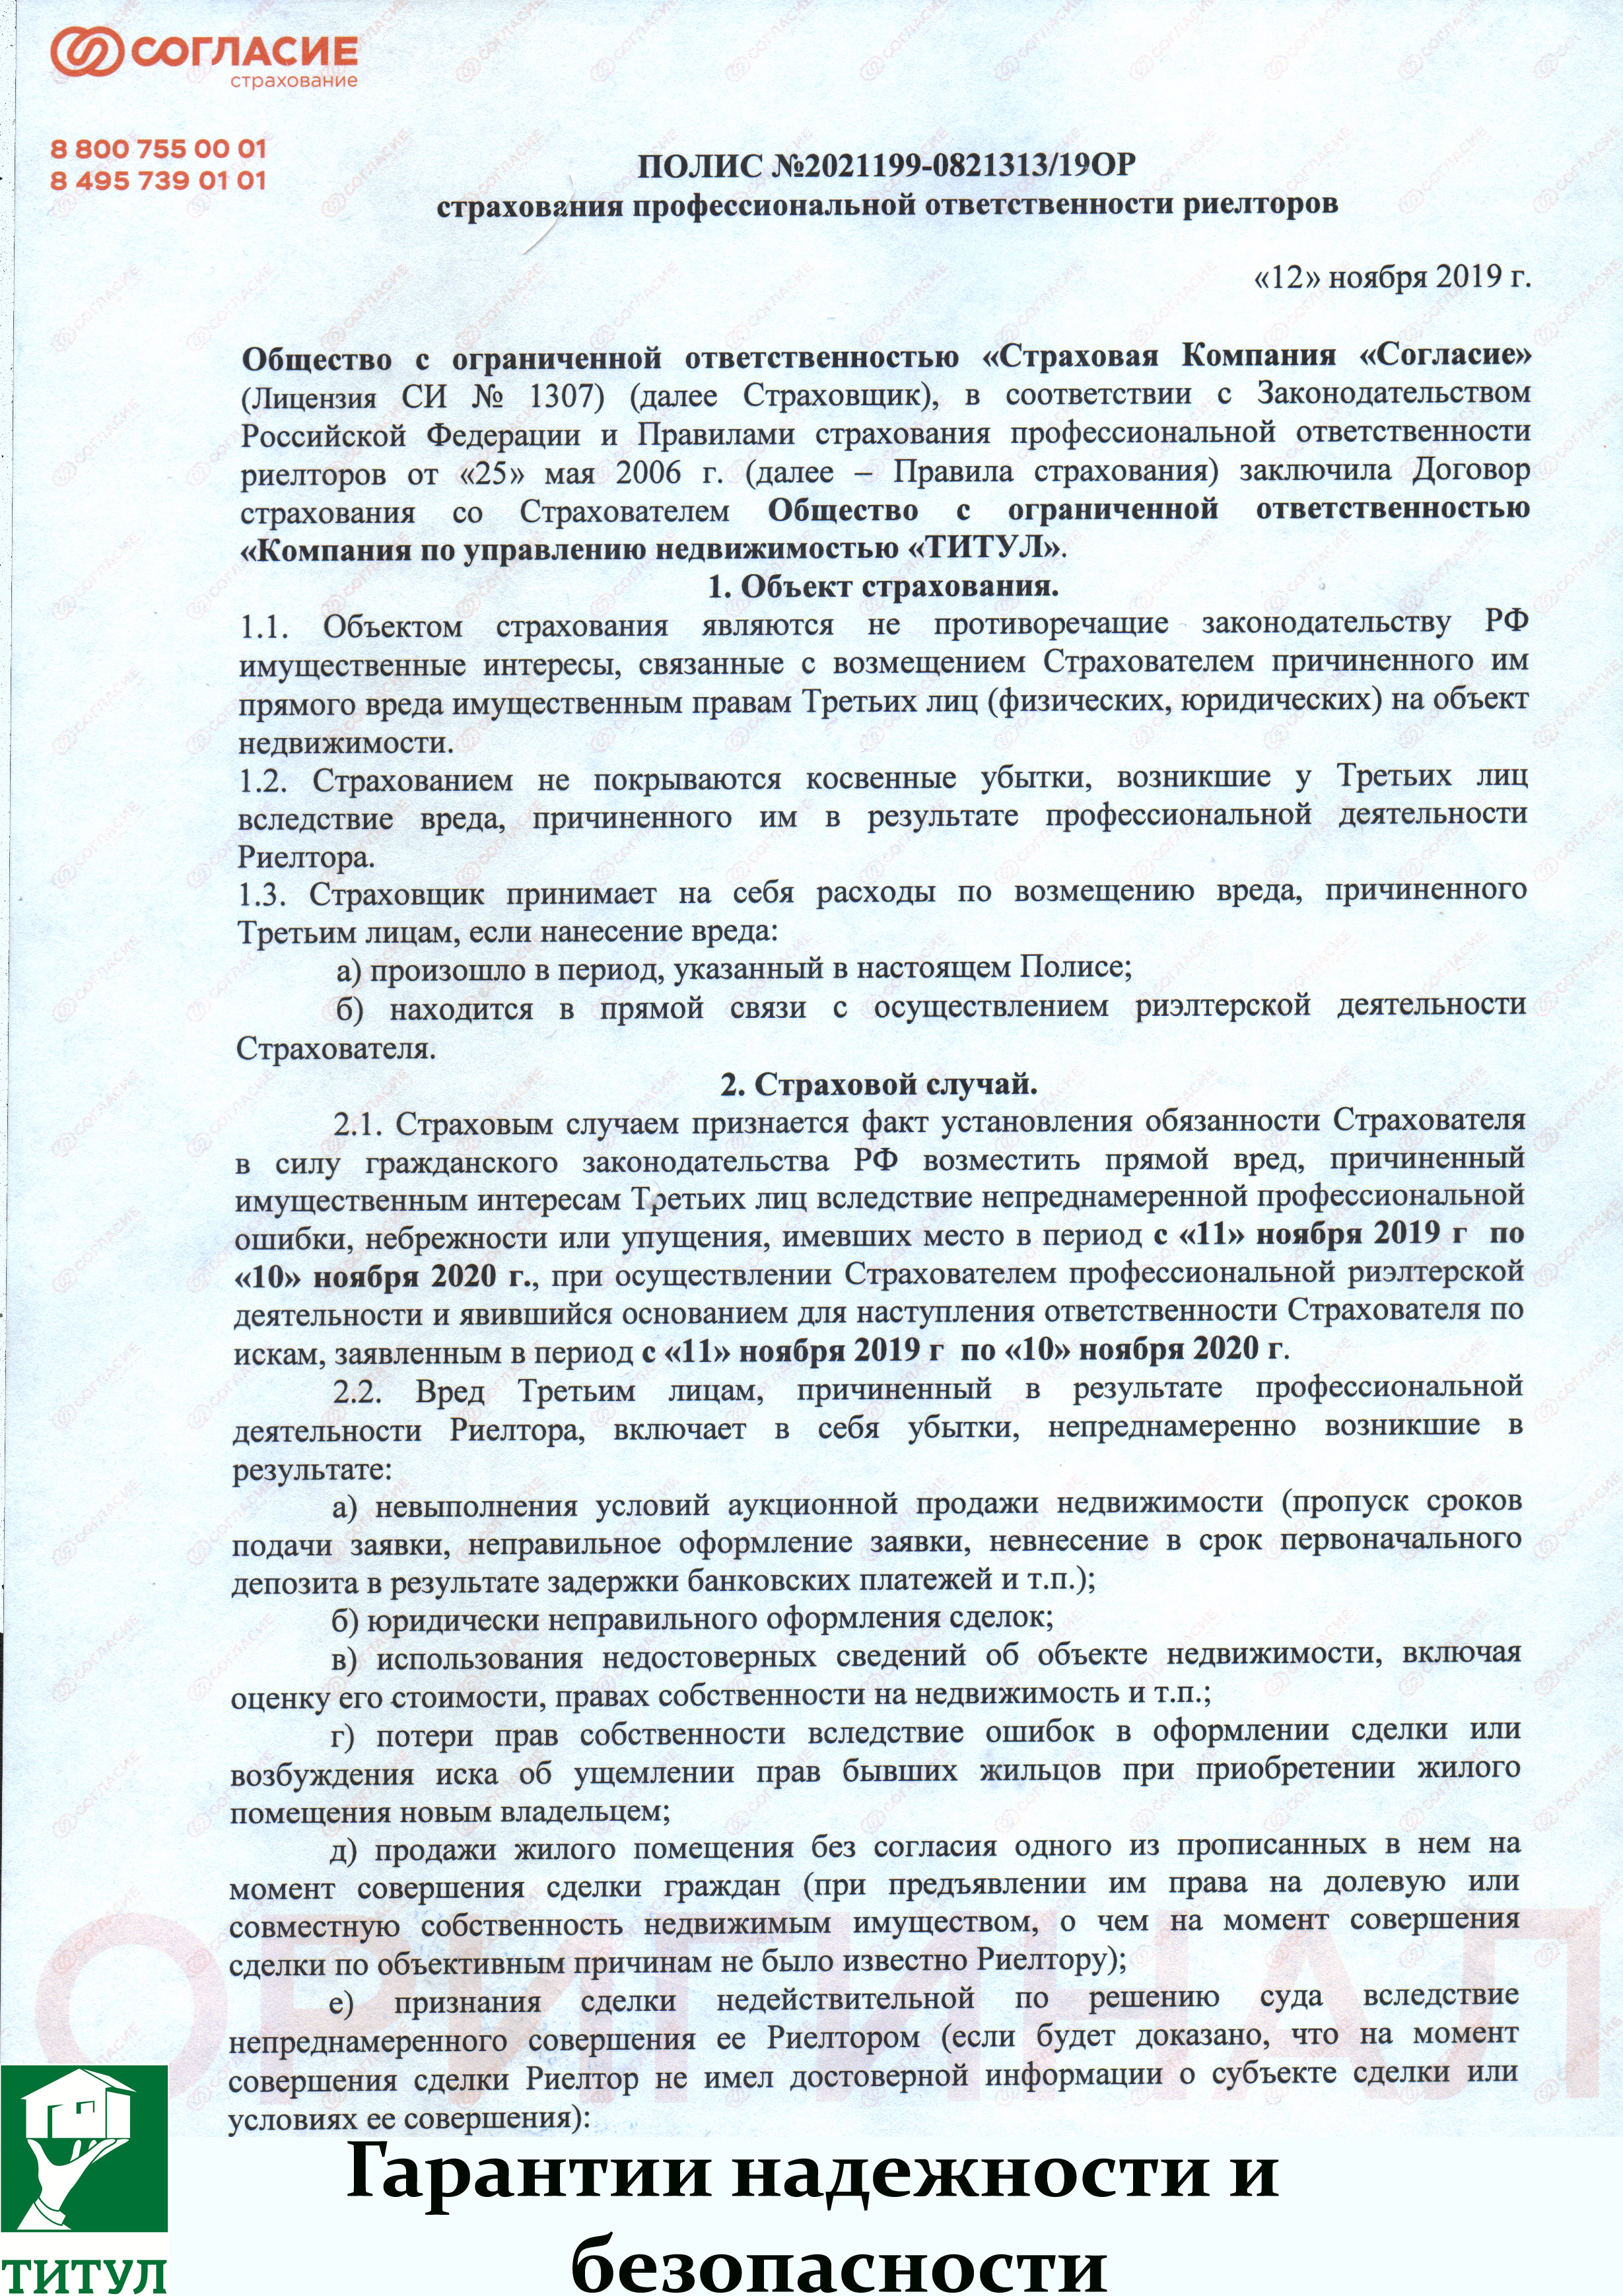 Ростовская область, Ростов-на-Дону, Соколова 7